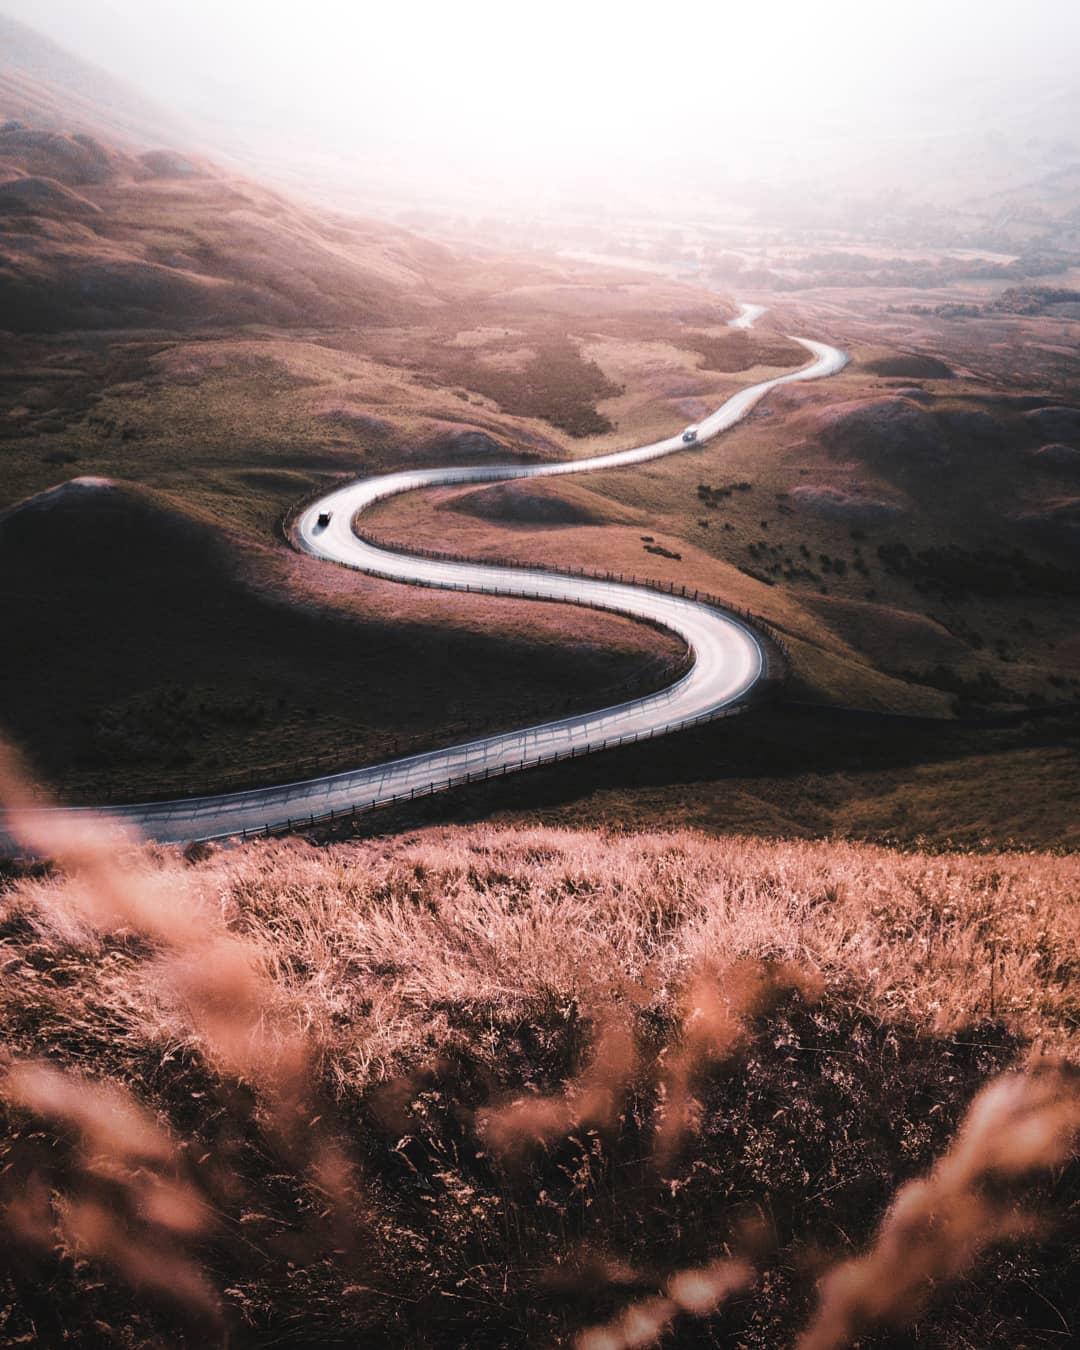 Природа и путешествия на снимках Люка Джексона-Кларка